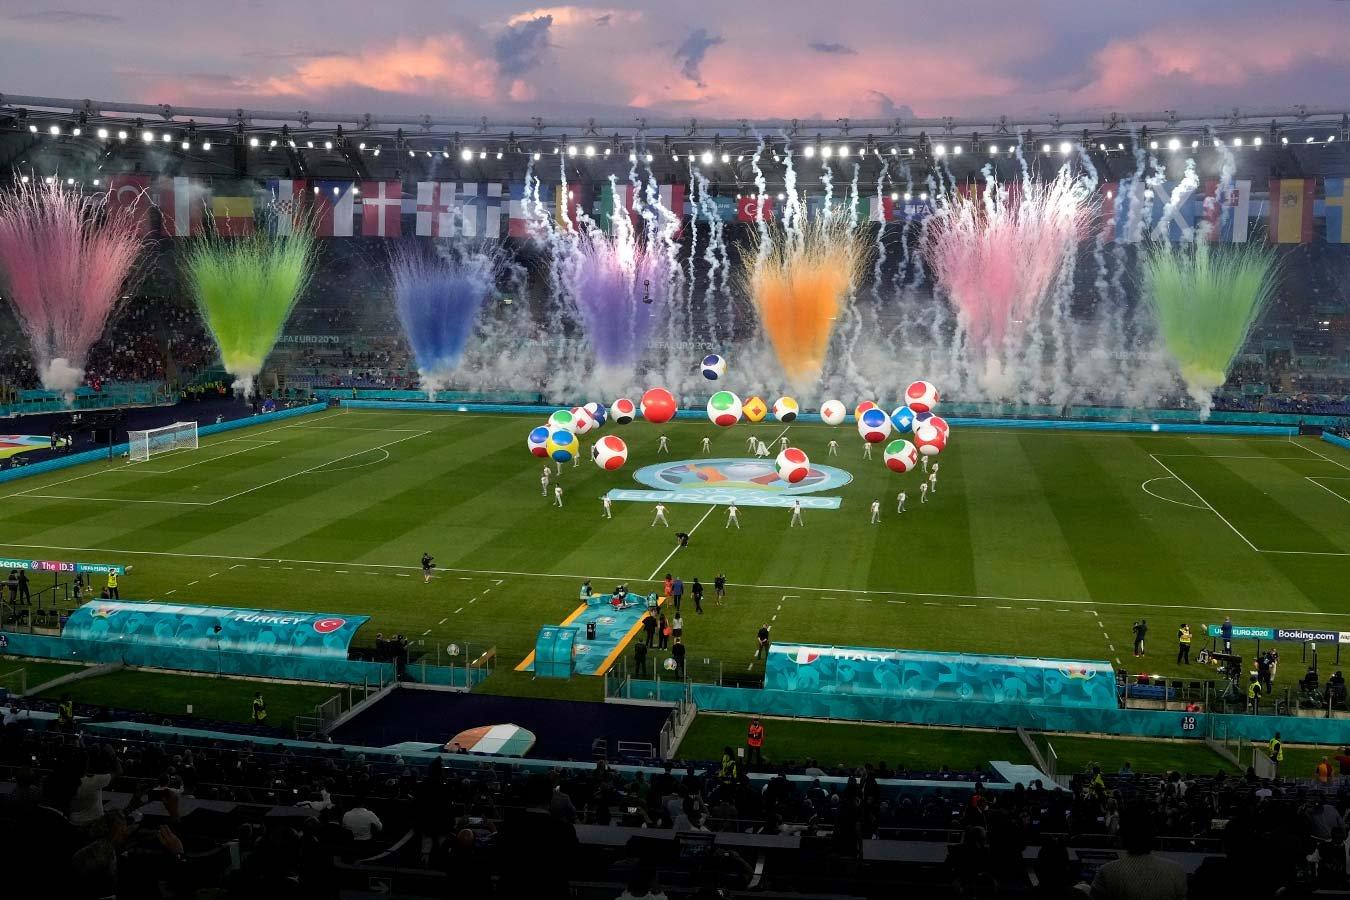 В Риме состоялась церемония открытия чемпионата Европы  2020